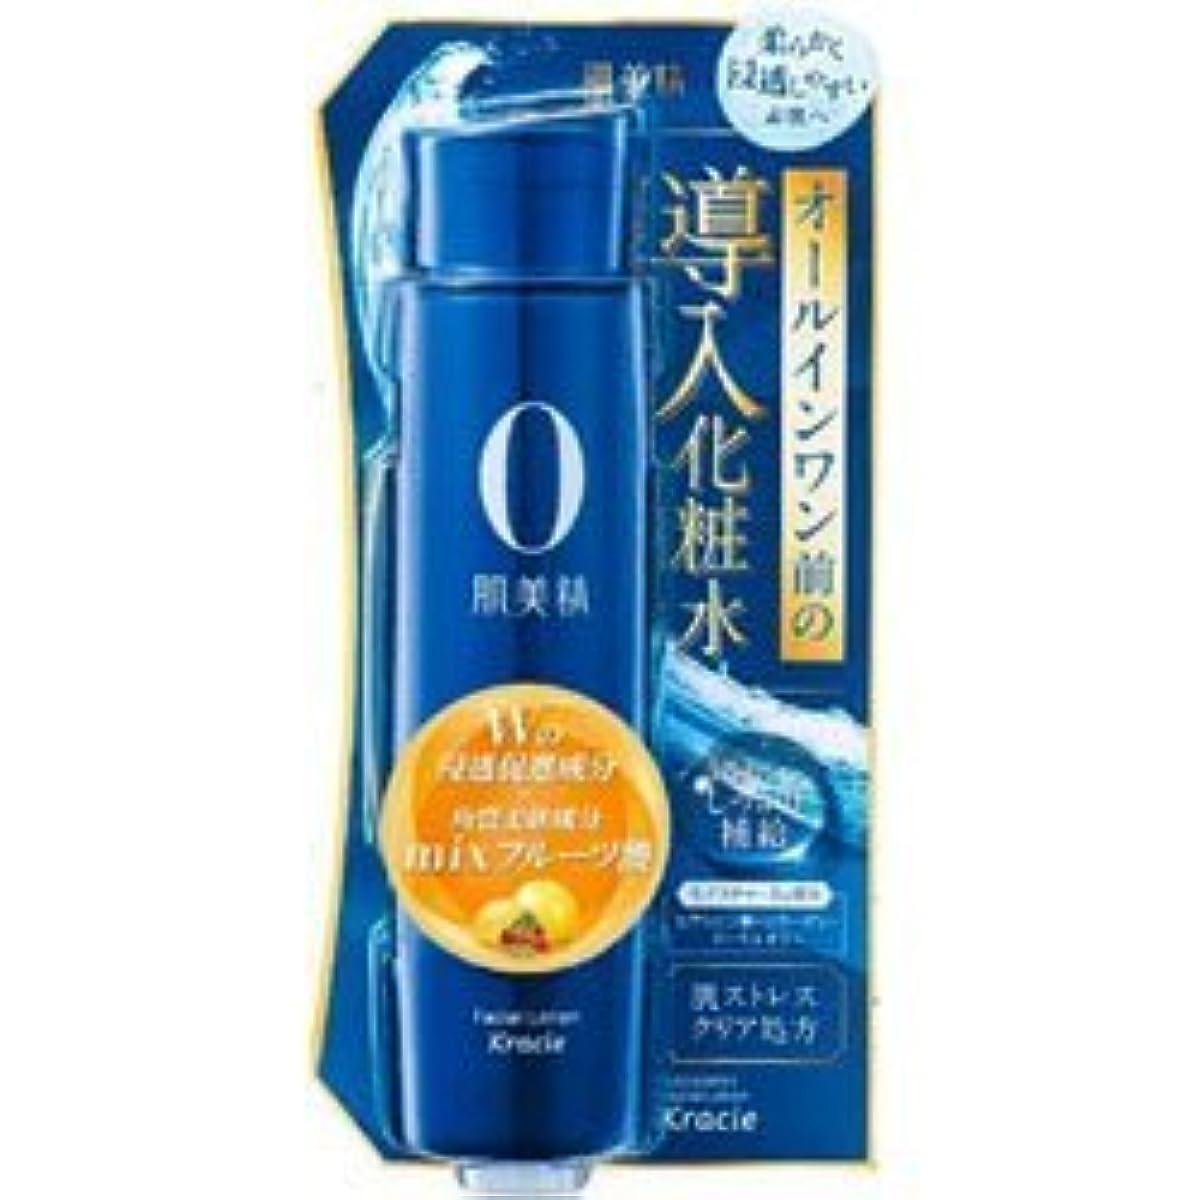 崇拝します一緒にボイド【クラシエホームプロダクツ】肌美精 導入化粧水 150ml ×3個セット